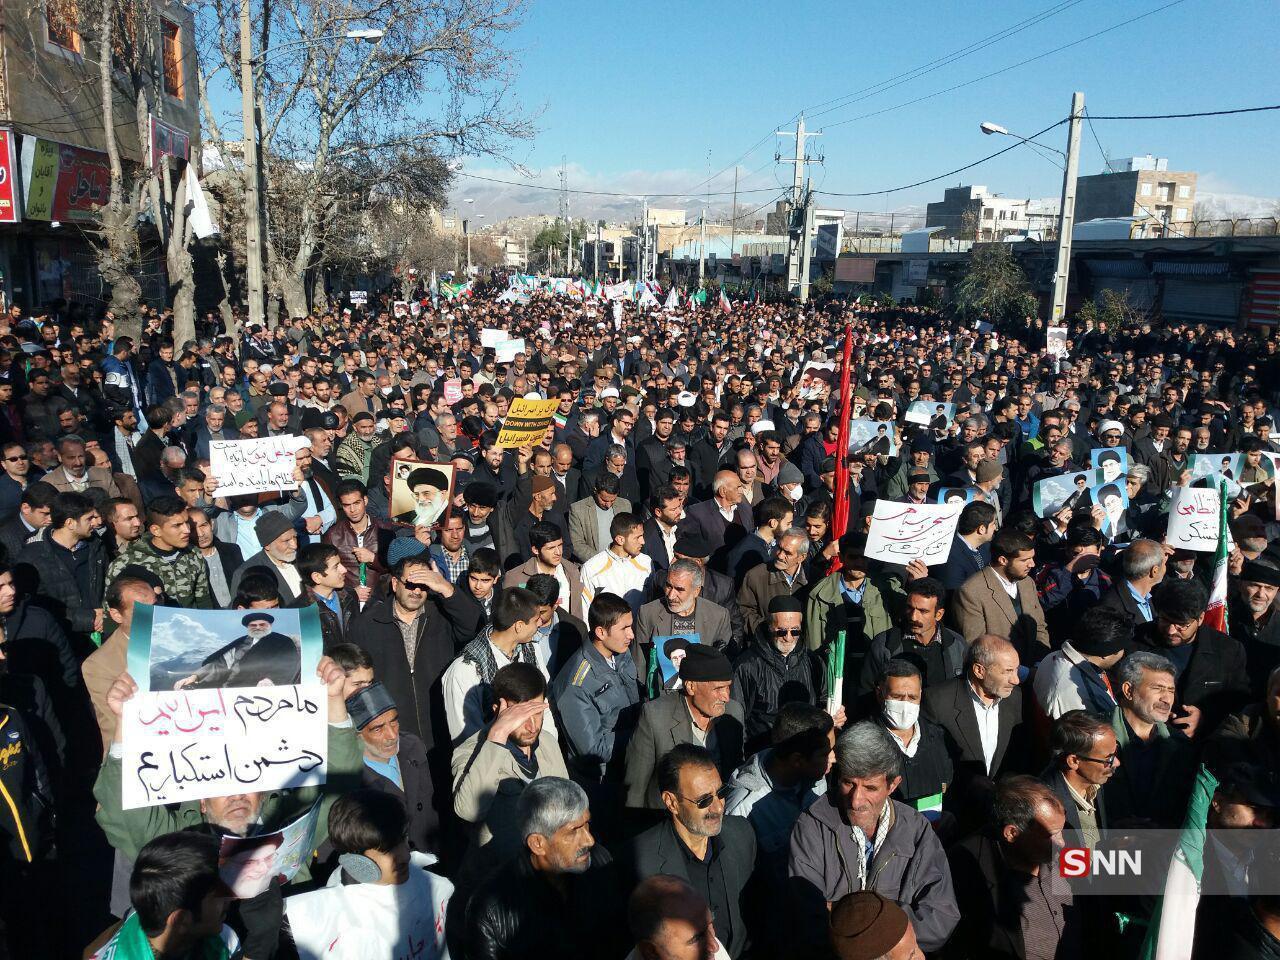 دهها هزار ایرانی در حمایت از حکومتشان در سراسر ایران به خیابانها آمدند.